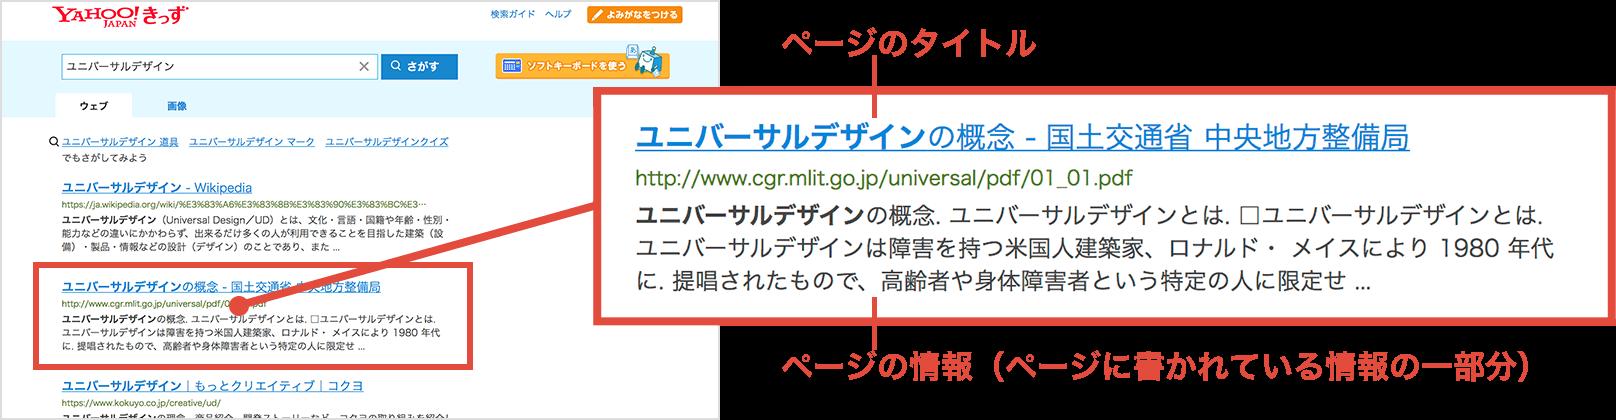 キーワードの検索結果の説明画像。ページのタイトル、ページの情報(ページに書かれている情報の一部分)